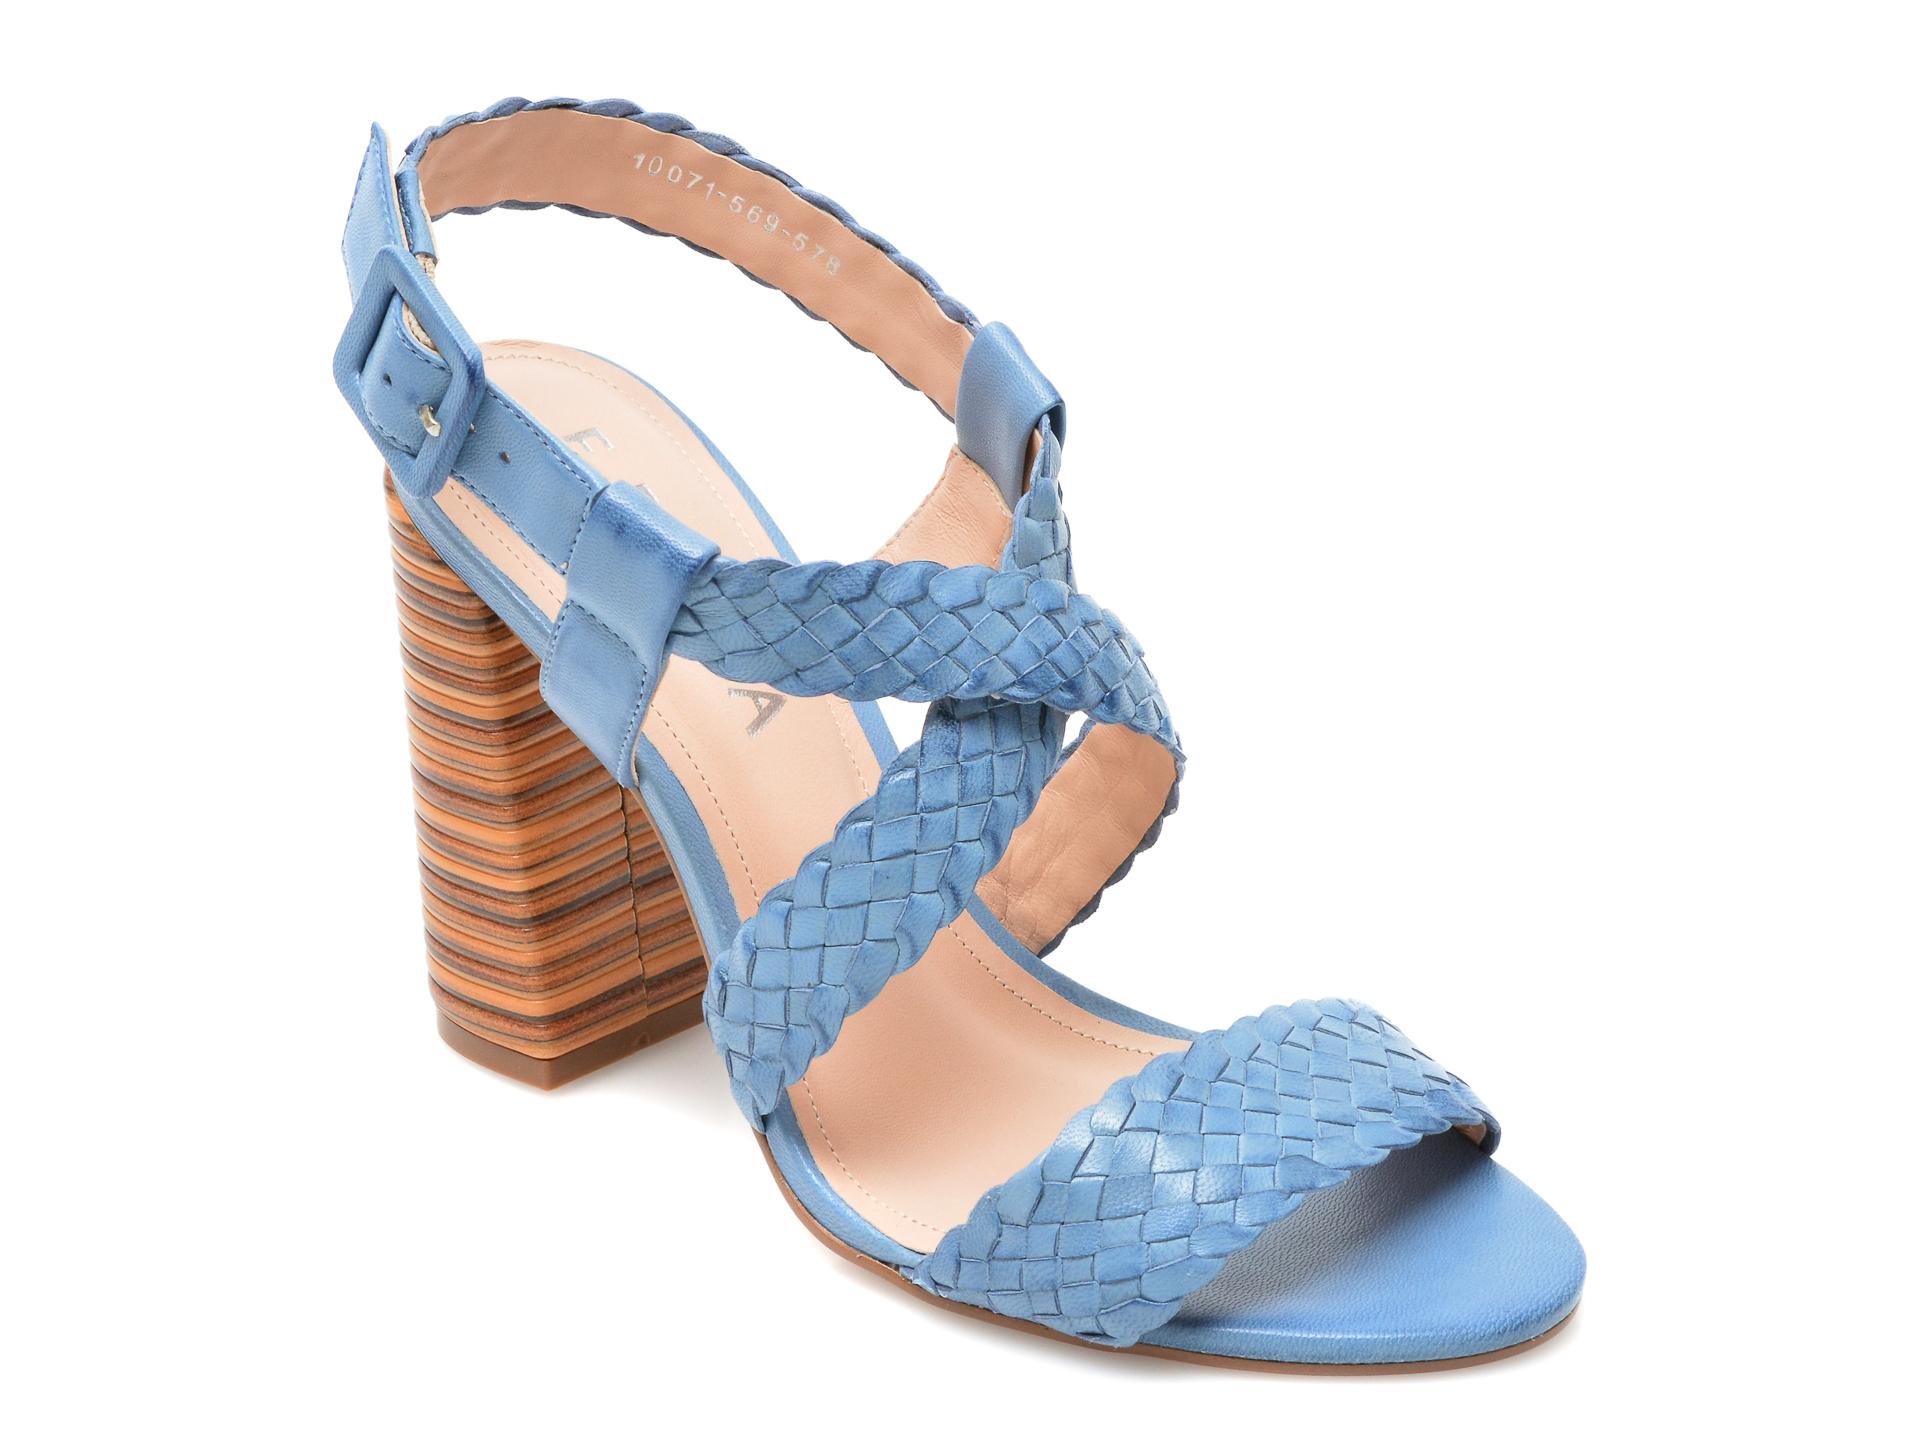 Sandale EPICA albastre, 1007678, din piele naturala imagine otter.ro 2021